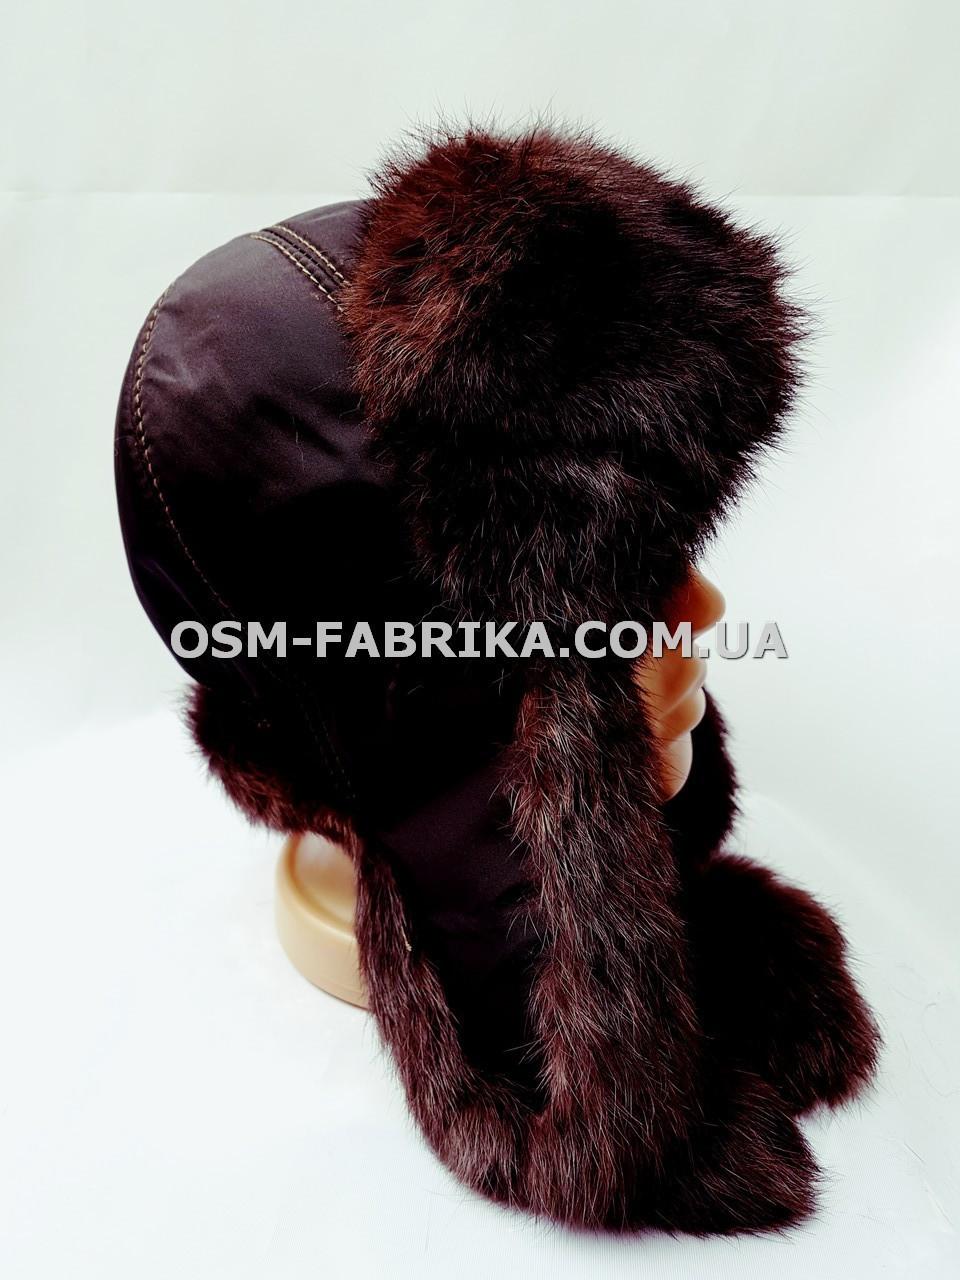 Теплая шапка-ушанка кролик от производителя, фото 1